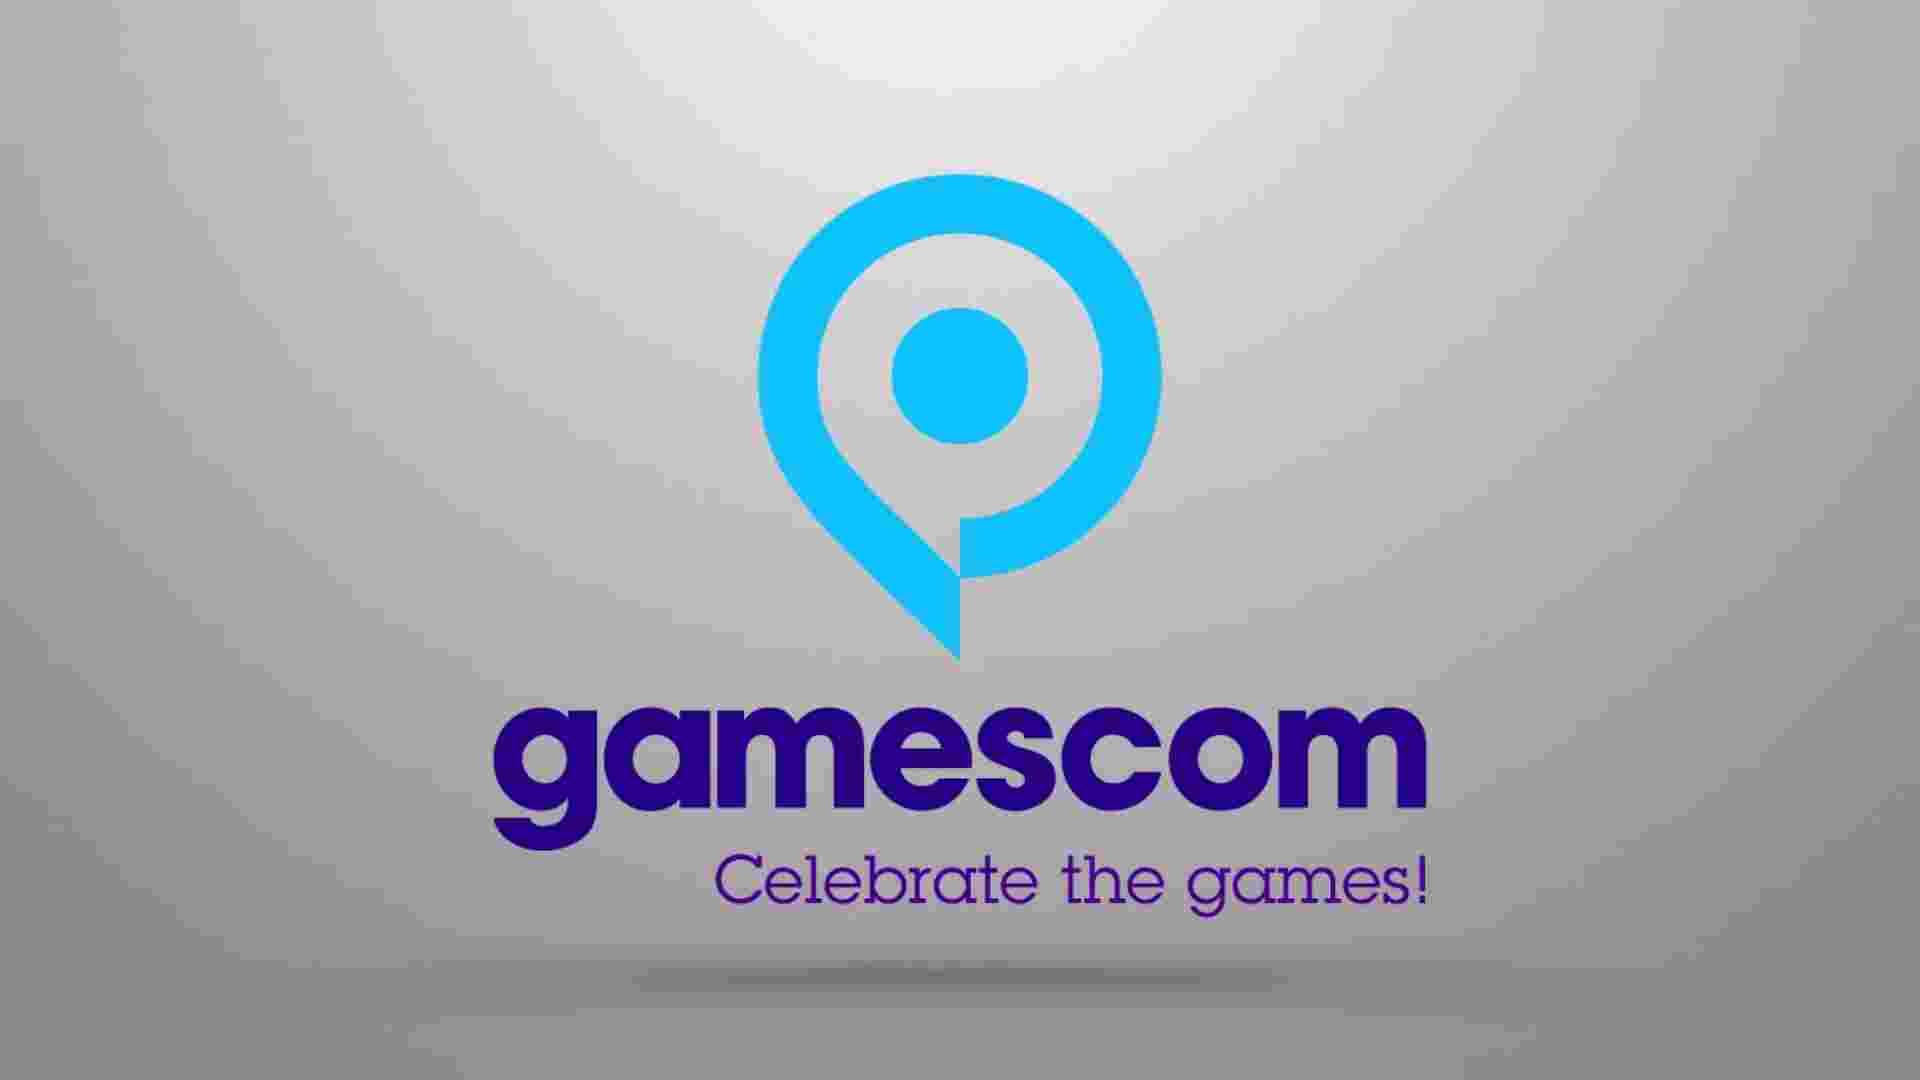 gamescom4